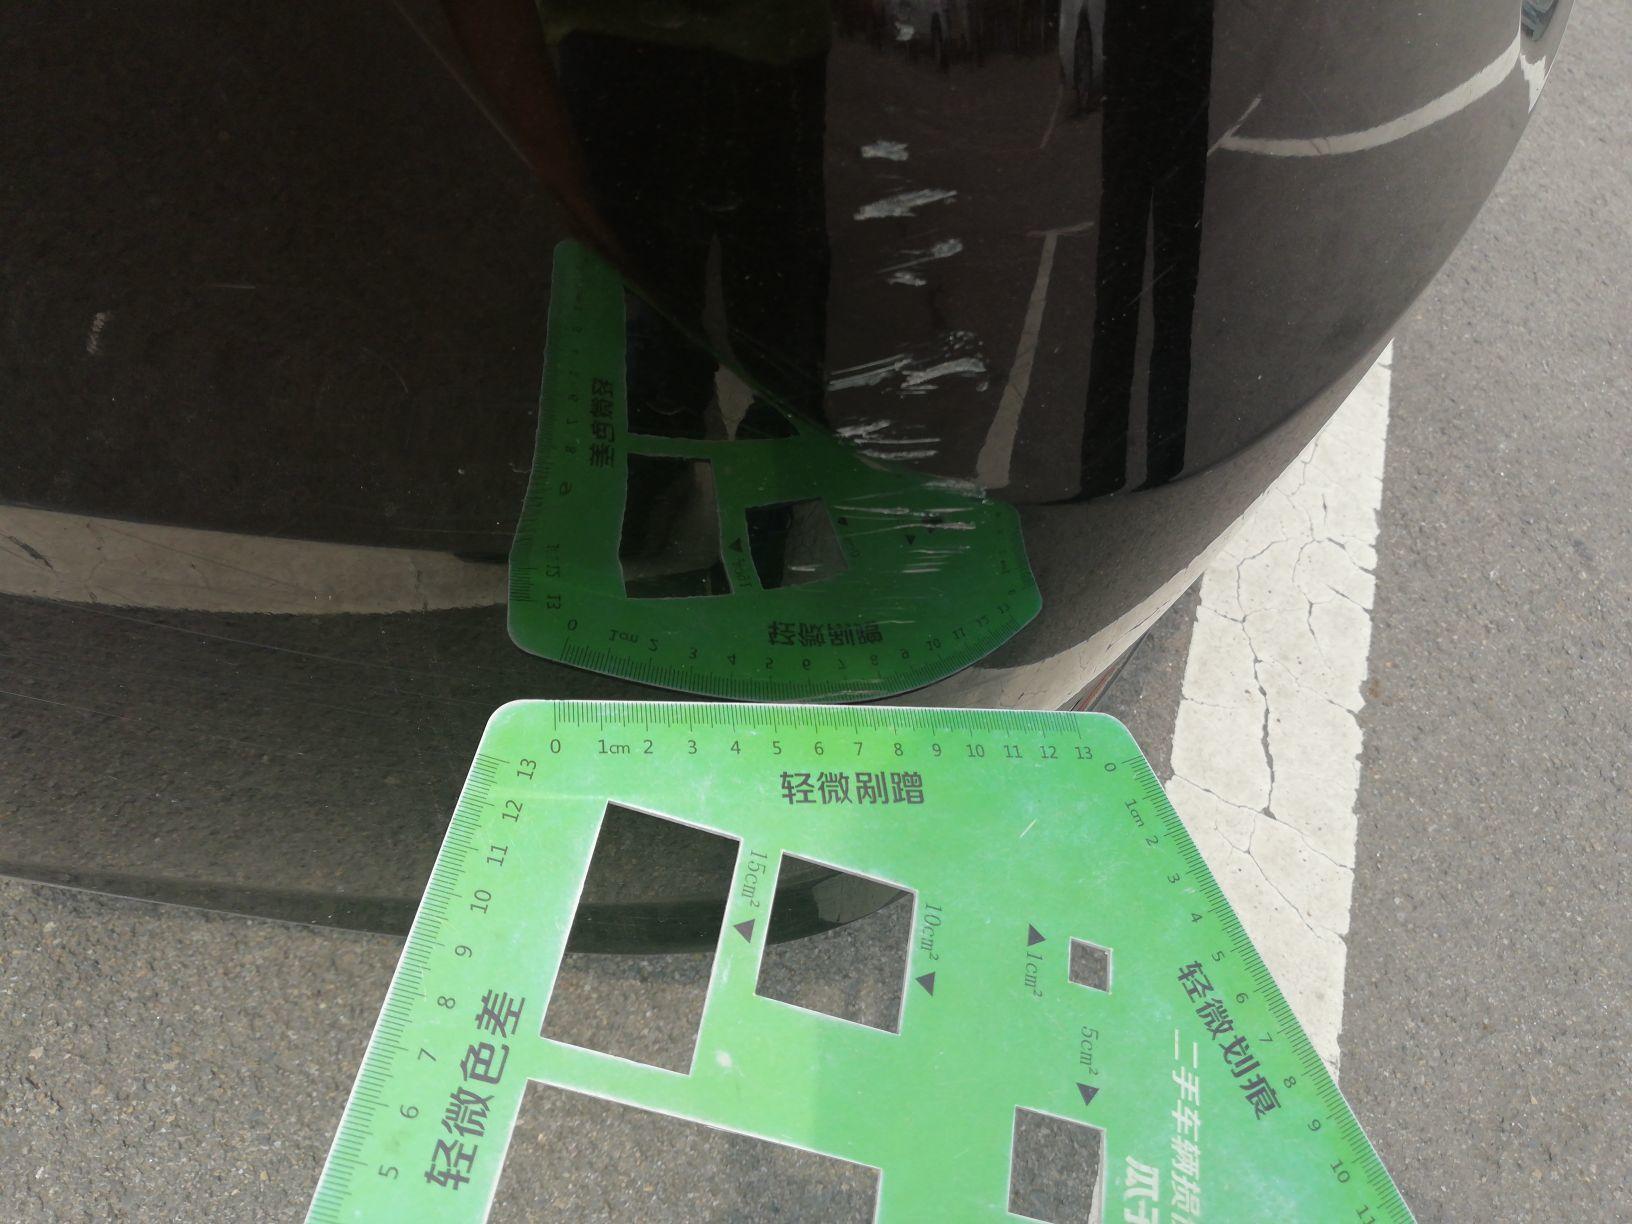 东南v5后备箱锁电路图